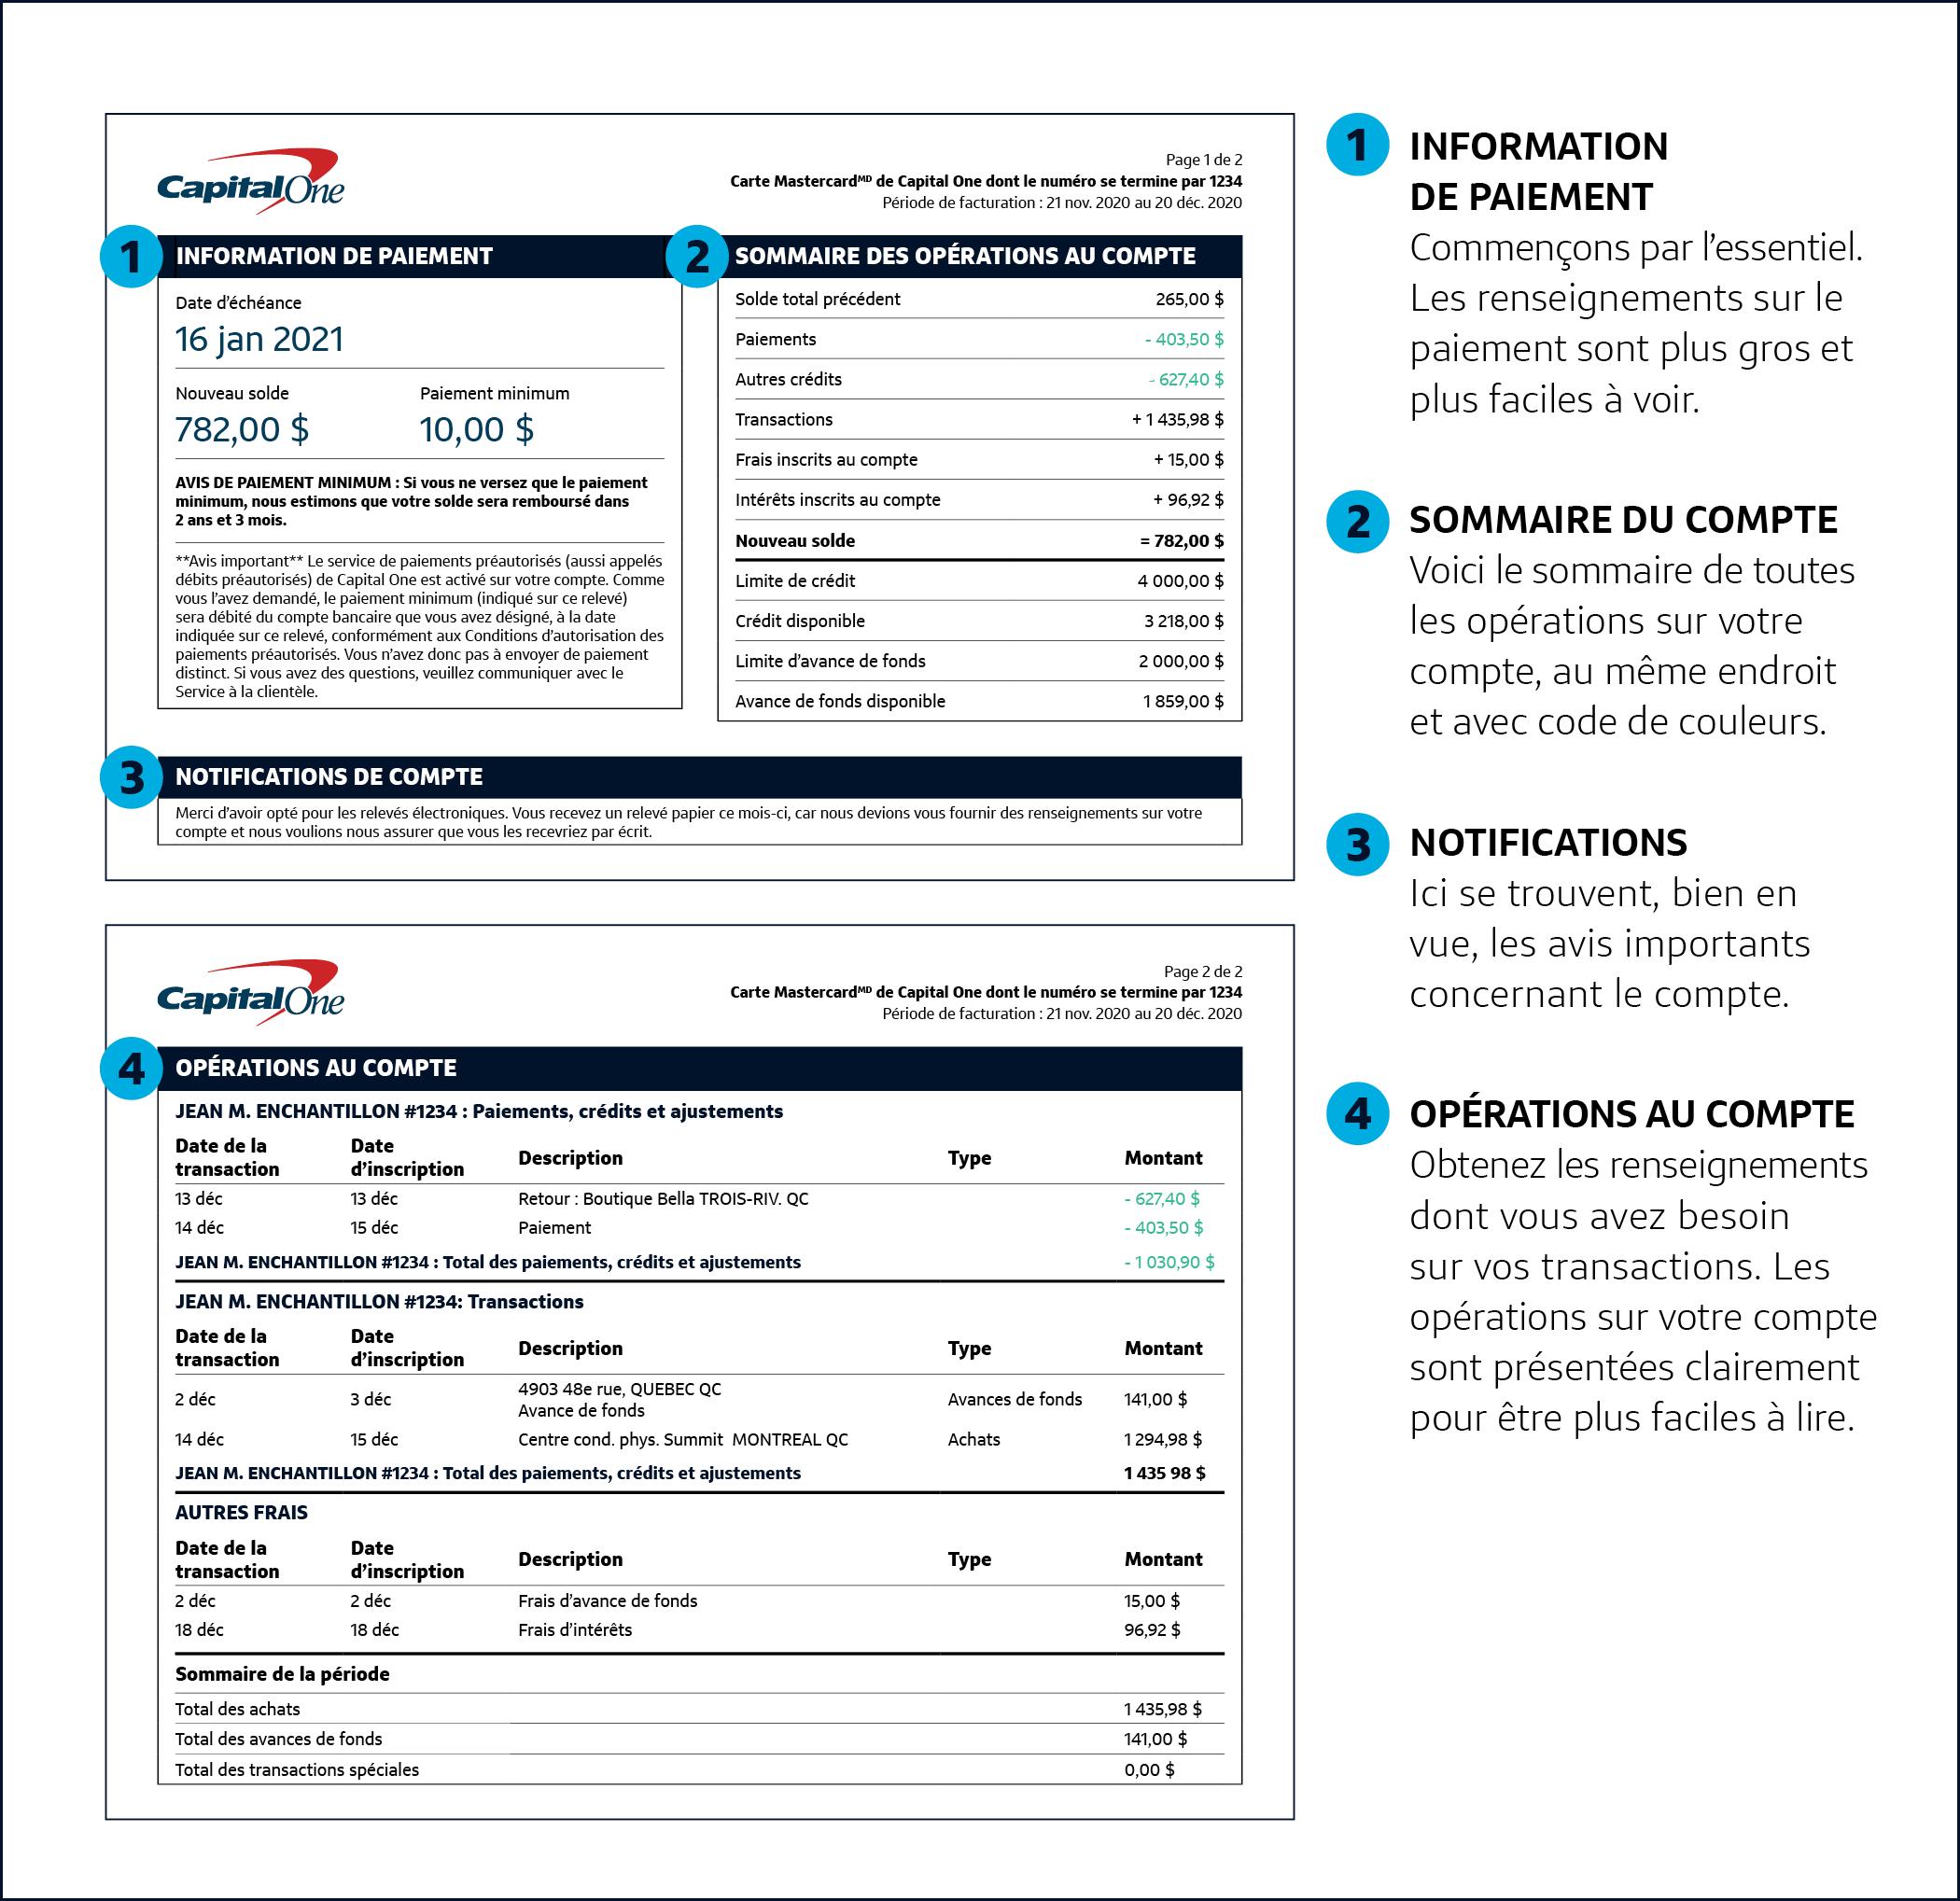 Les renseignements sur le paiement sont plus gros et plus faciles à voir. Vous trouverez un sommaire détaillé de toutes les activités du compte, avec code de couleur. Les avis concernant le compte sont bien en vue. Les opérations sur le compte sont présentées clairement pour être plus faciles à lire.